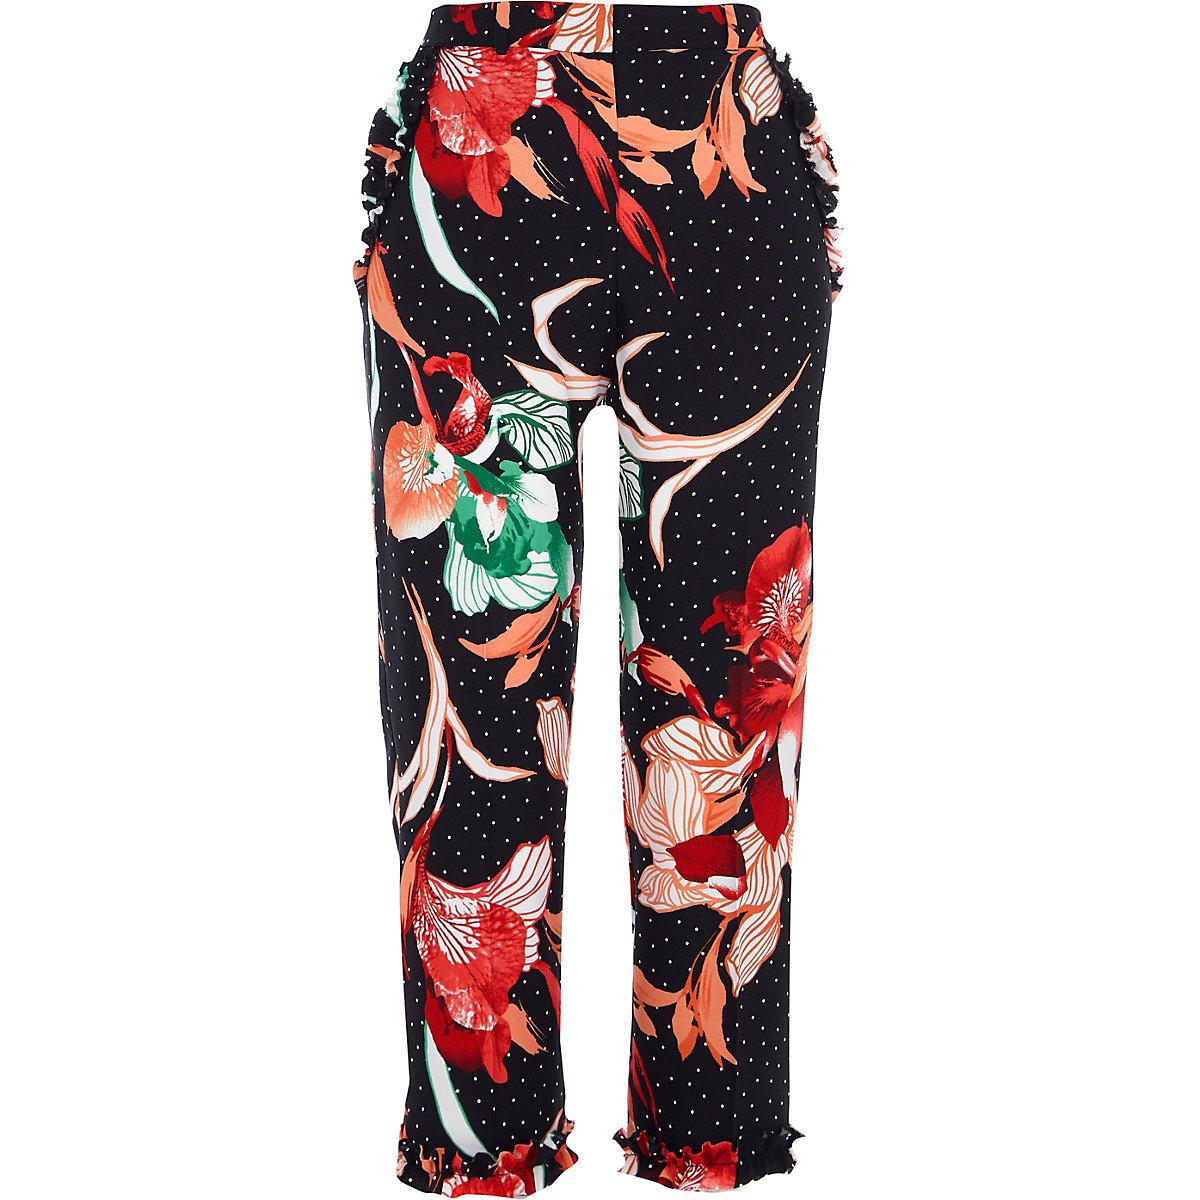 Black polka dot floral cigarette pants